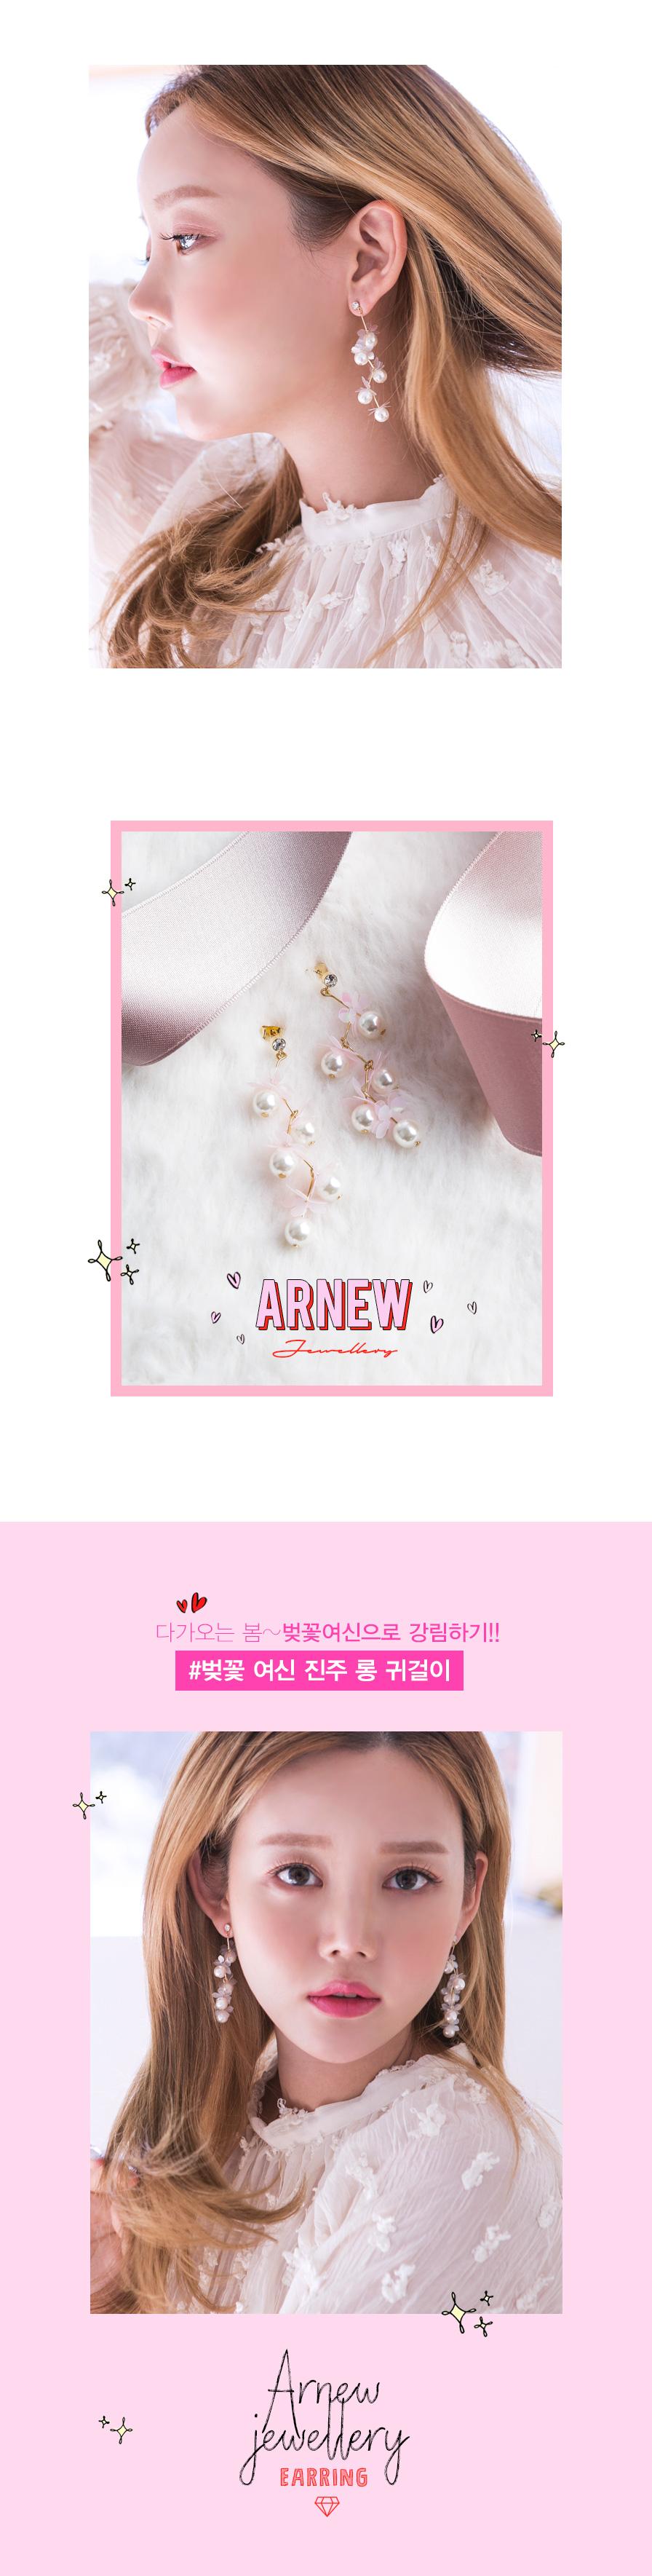 벚꽃여신 진주 롱 귀걸이 귀찌가능 - 아르뉴, 8,900원, 진주/원석, 드롭귀걸이